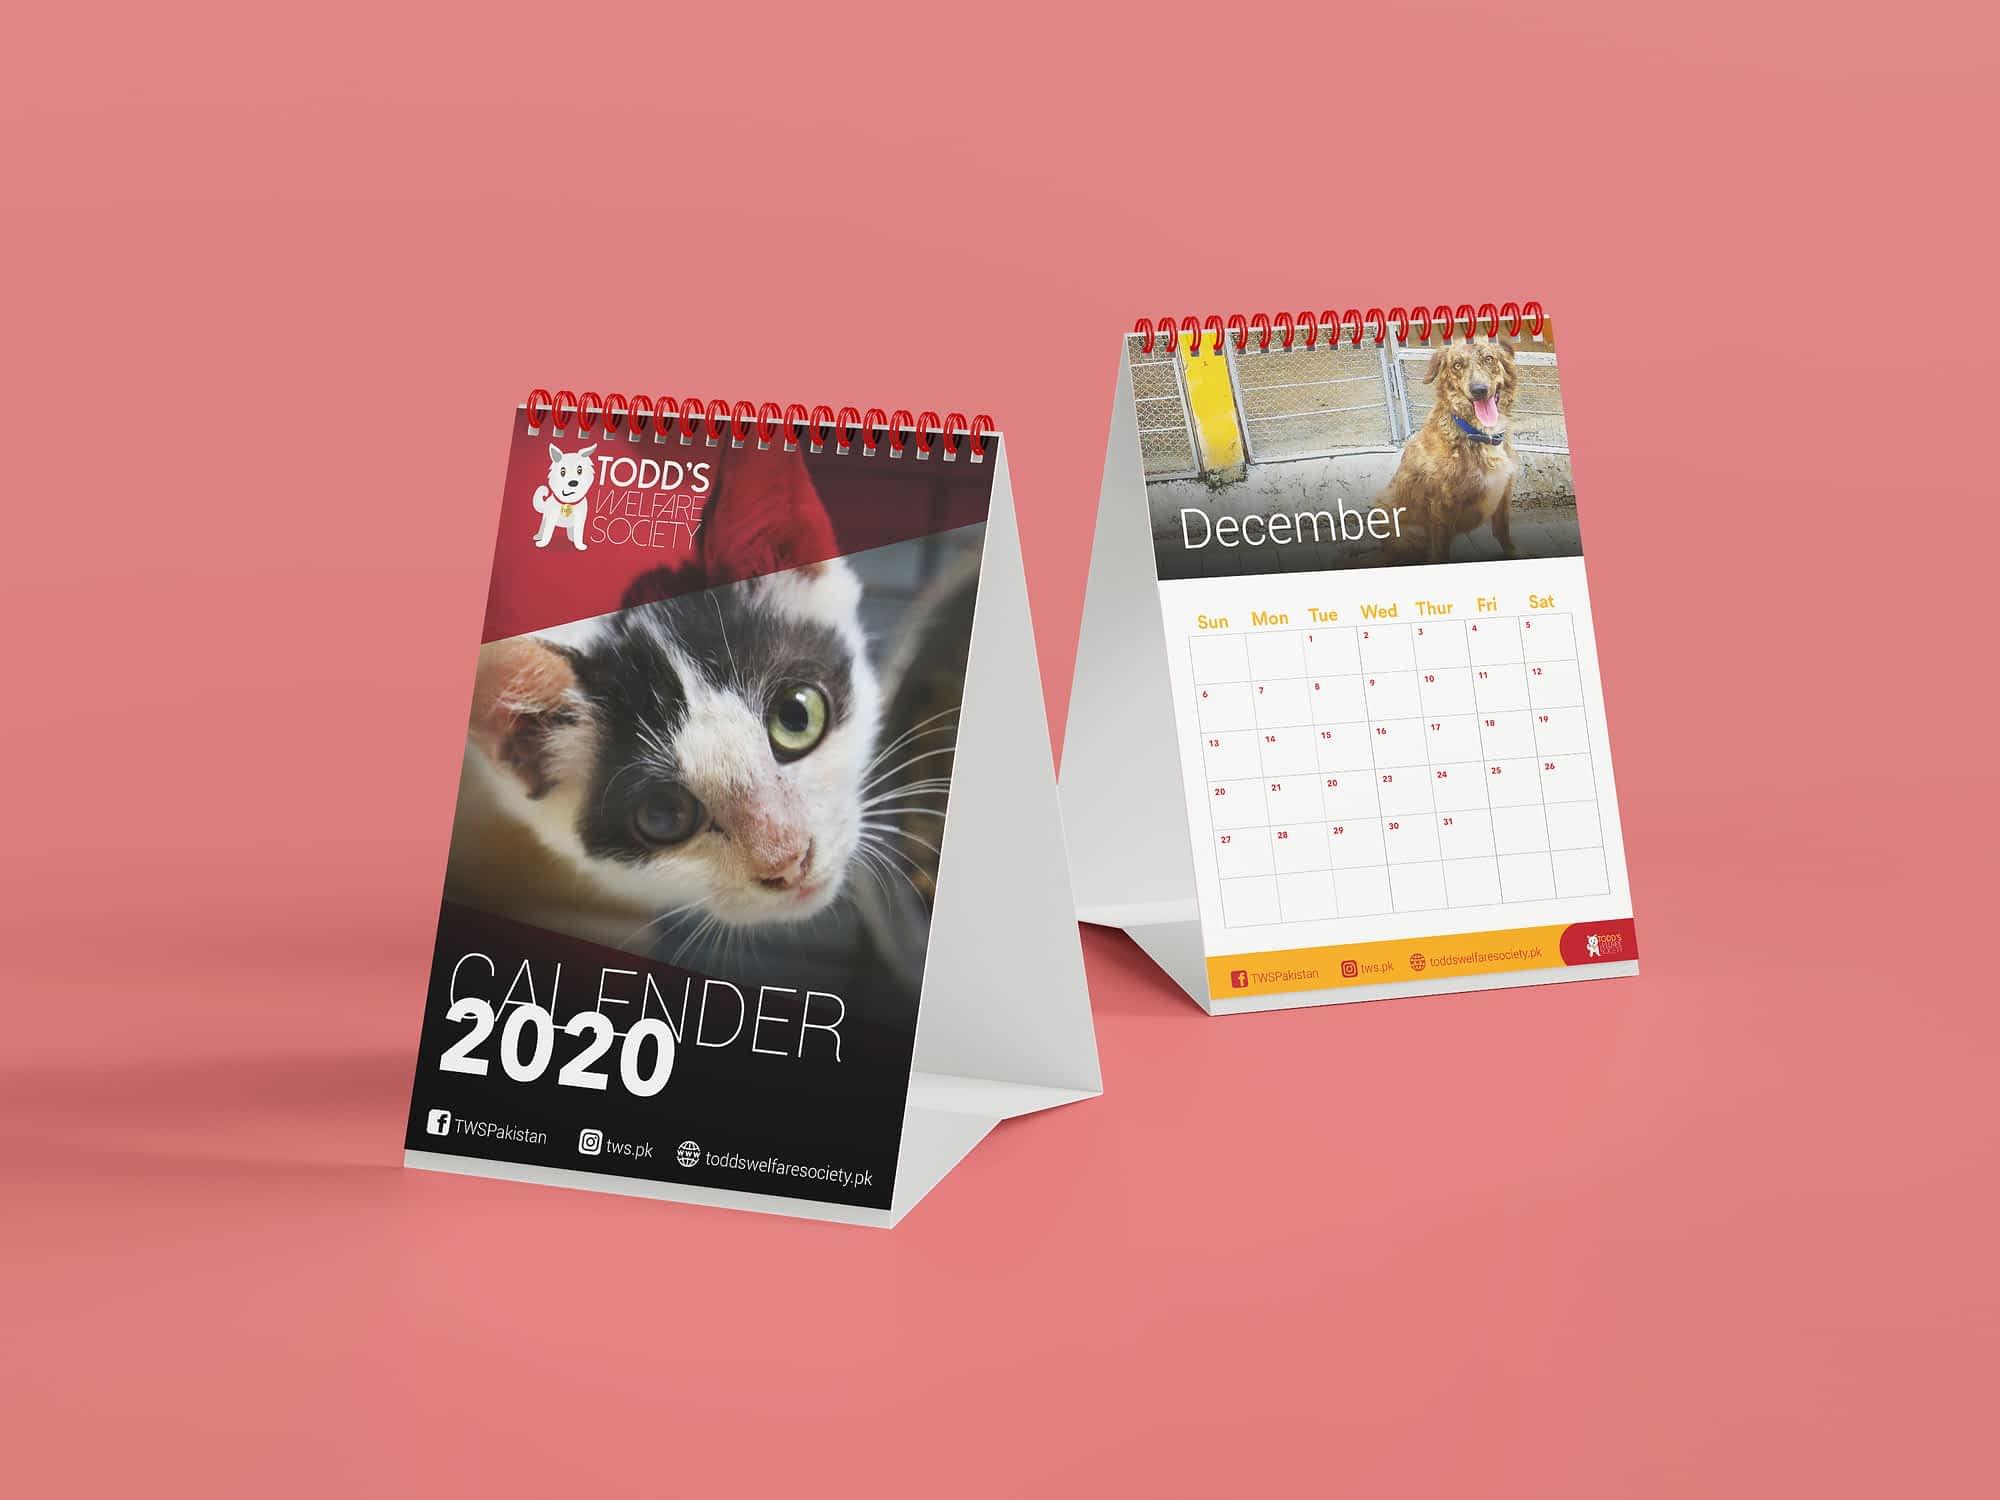 TWS Calendar